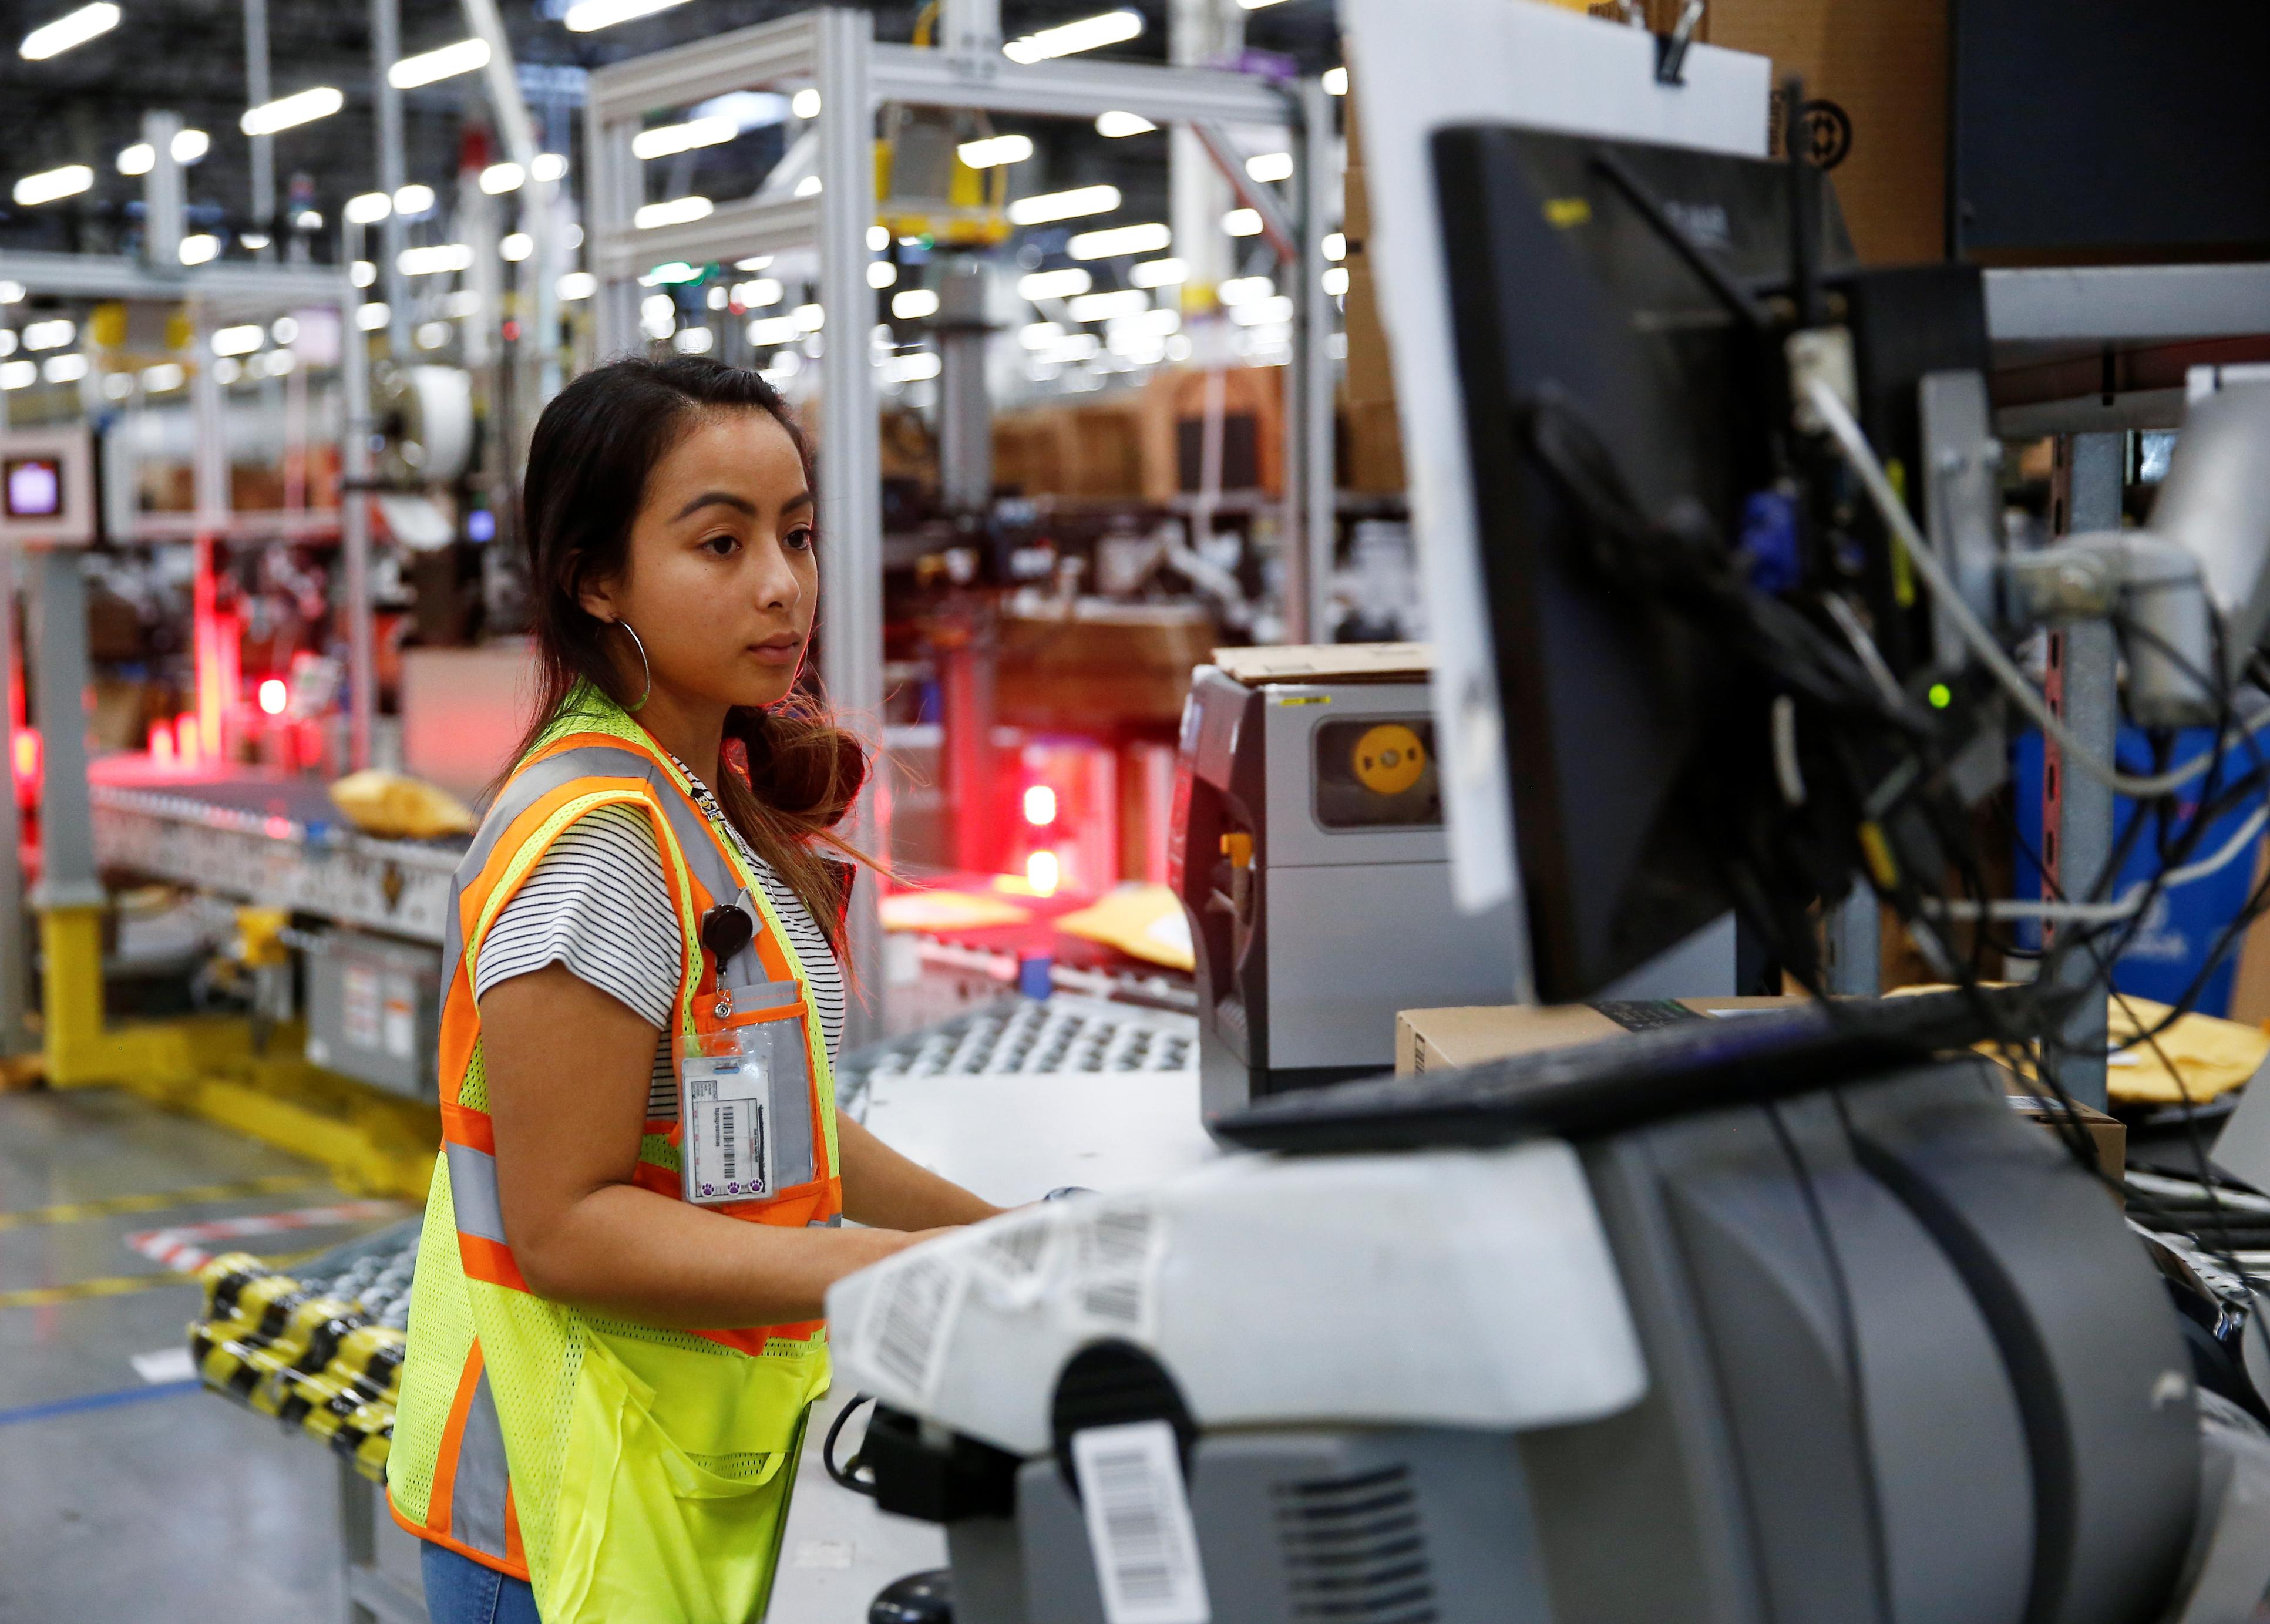 CUE US Amazonfactory 001.'